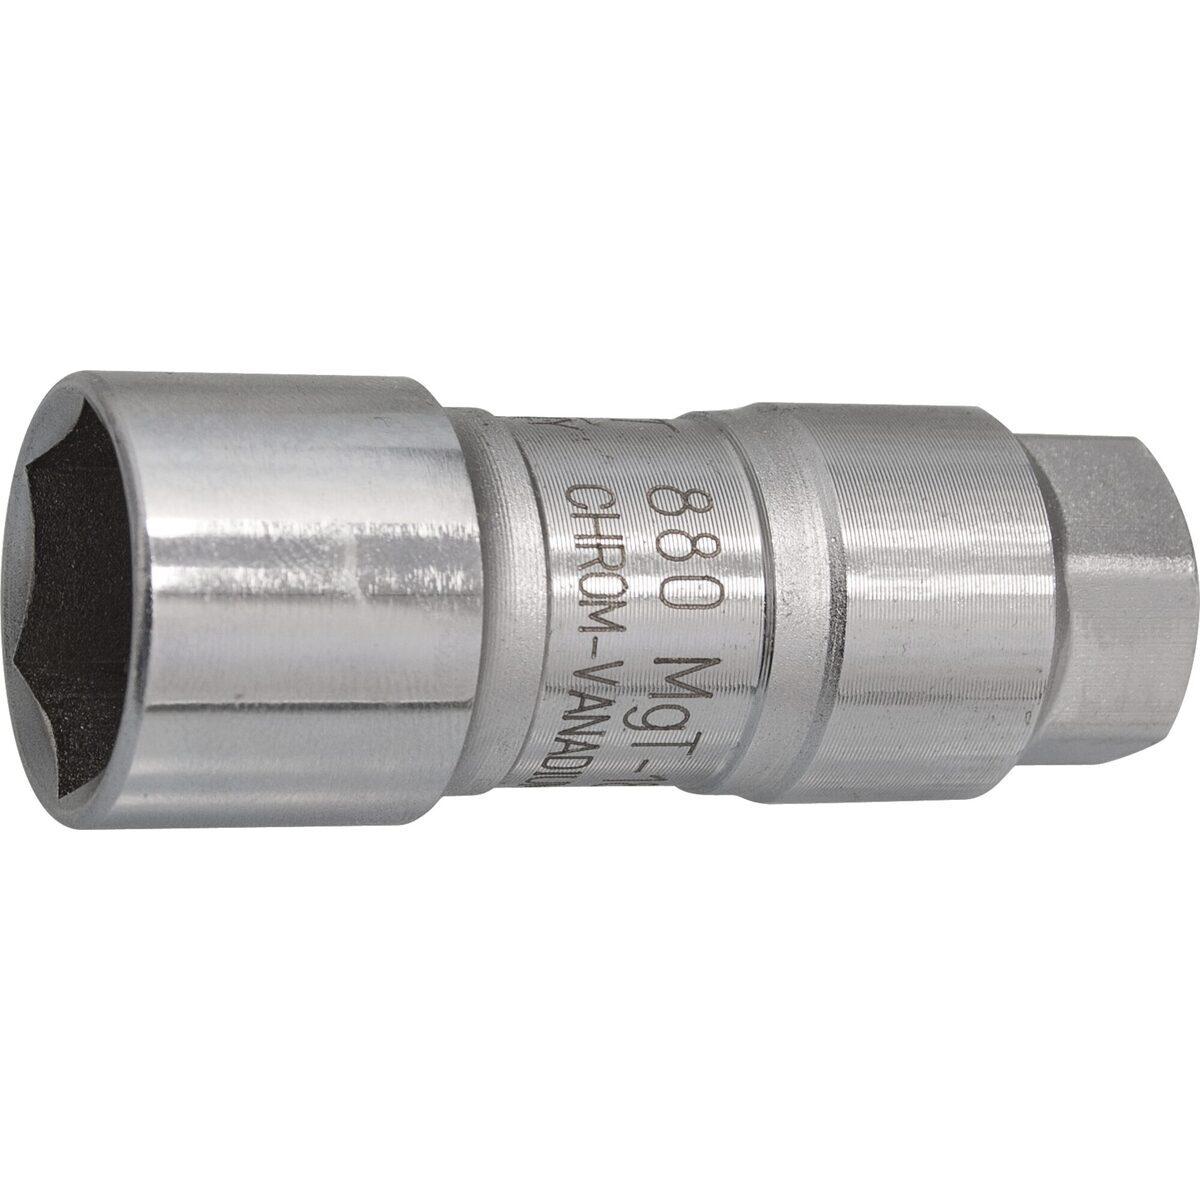 """Hlavice na zapalovací svíčky 3/8"""", 18 mm, s magnetem  - HAZET 880MGT-18"""